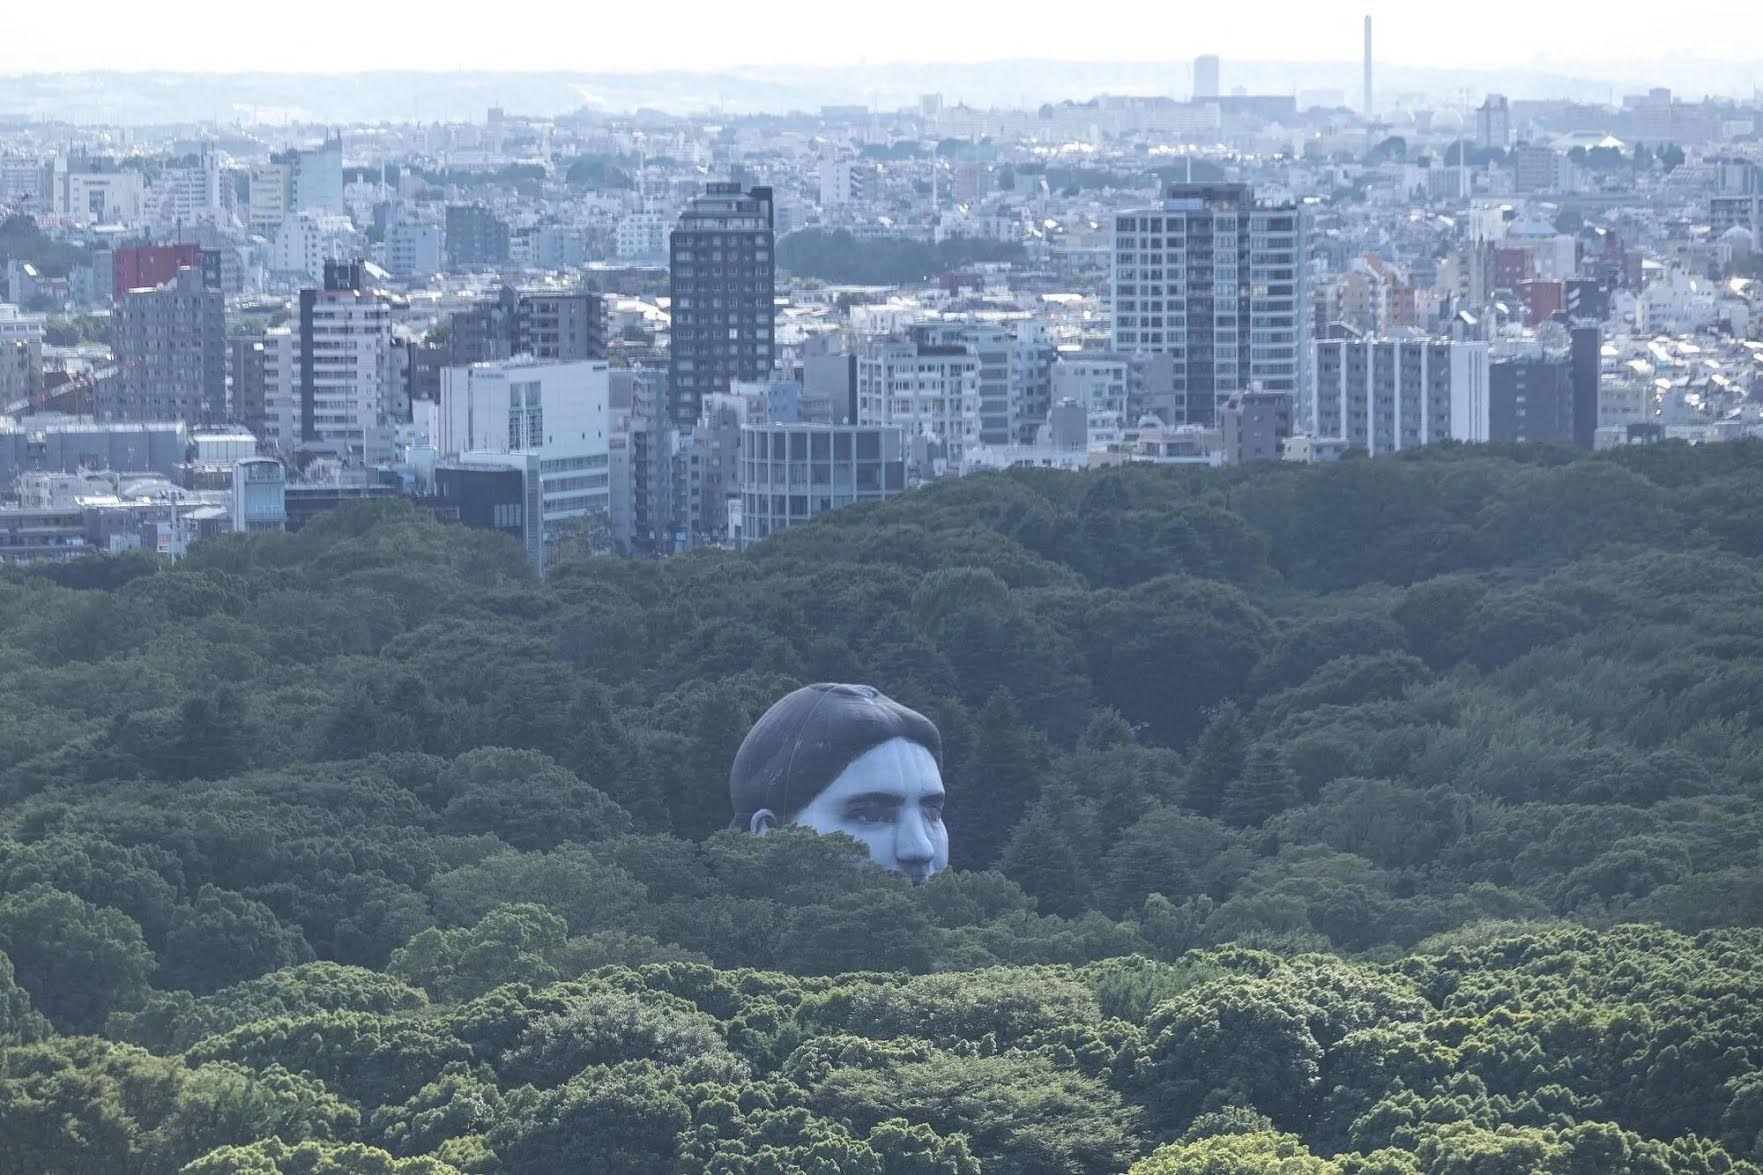 В Токио установили необычный воздушный шар